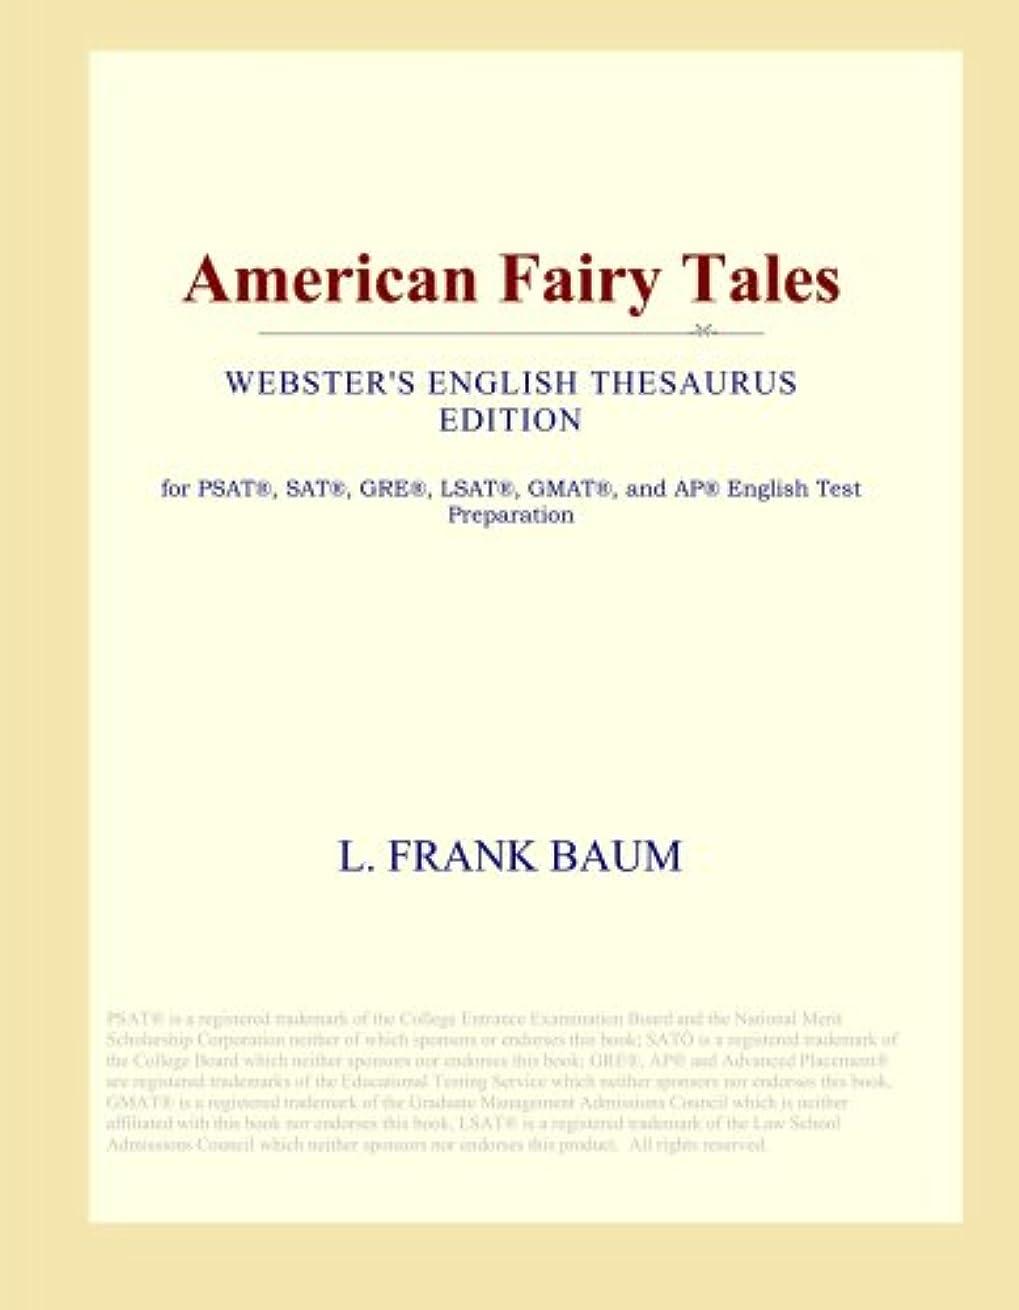 レポートを書くバックアップ実証するAmerican Fairy Tales (Webster's English Thesaurus Edition)